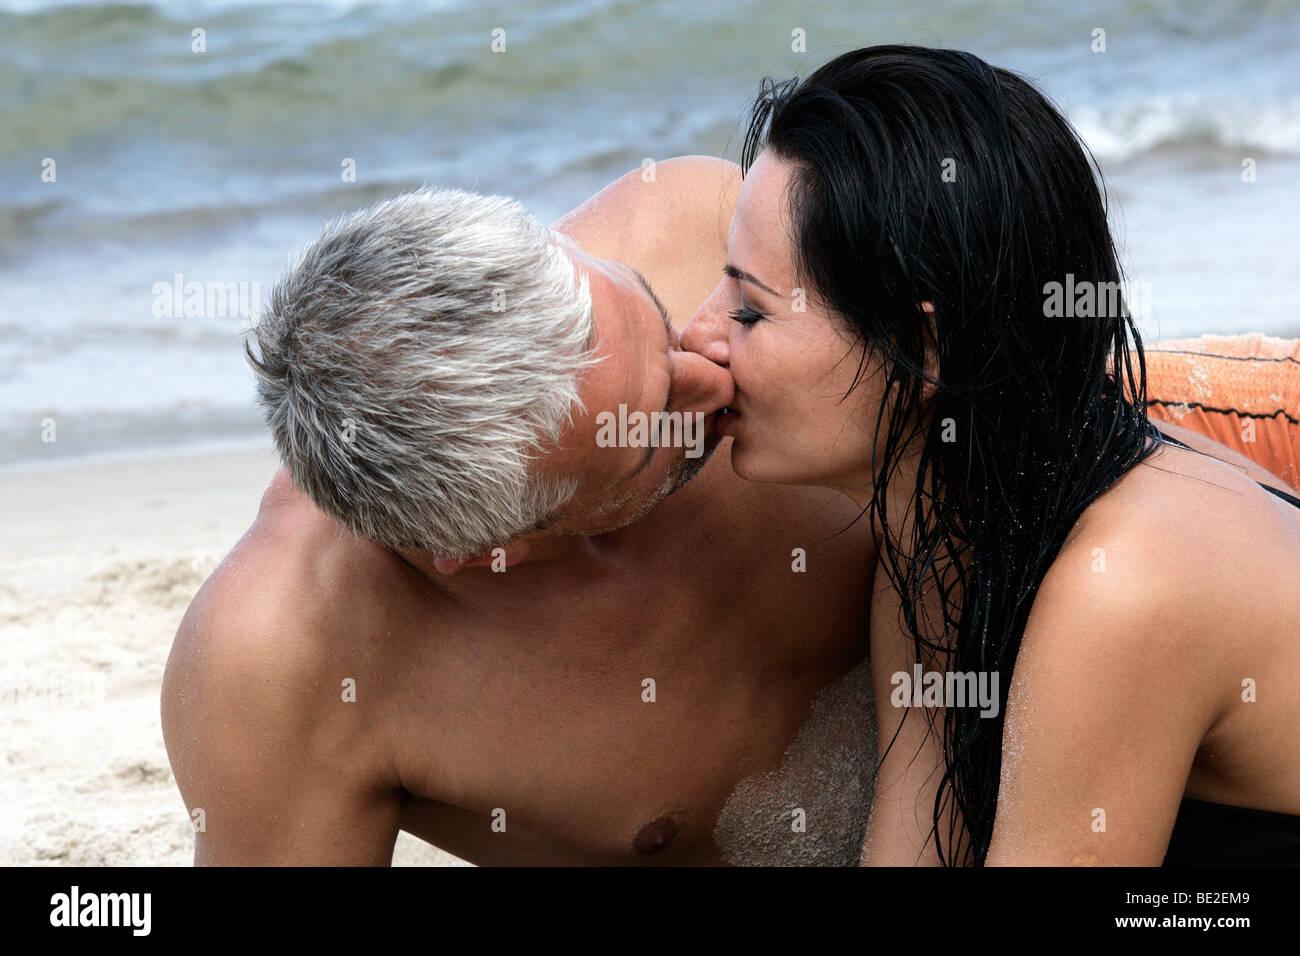 Felice Coppia di mezza età baciare sulla spiaggia, godendo le loro vacanze estive insieme. Foto Stock